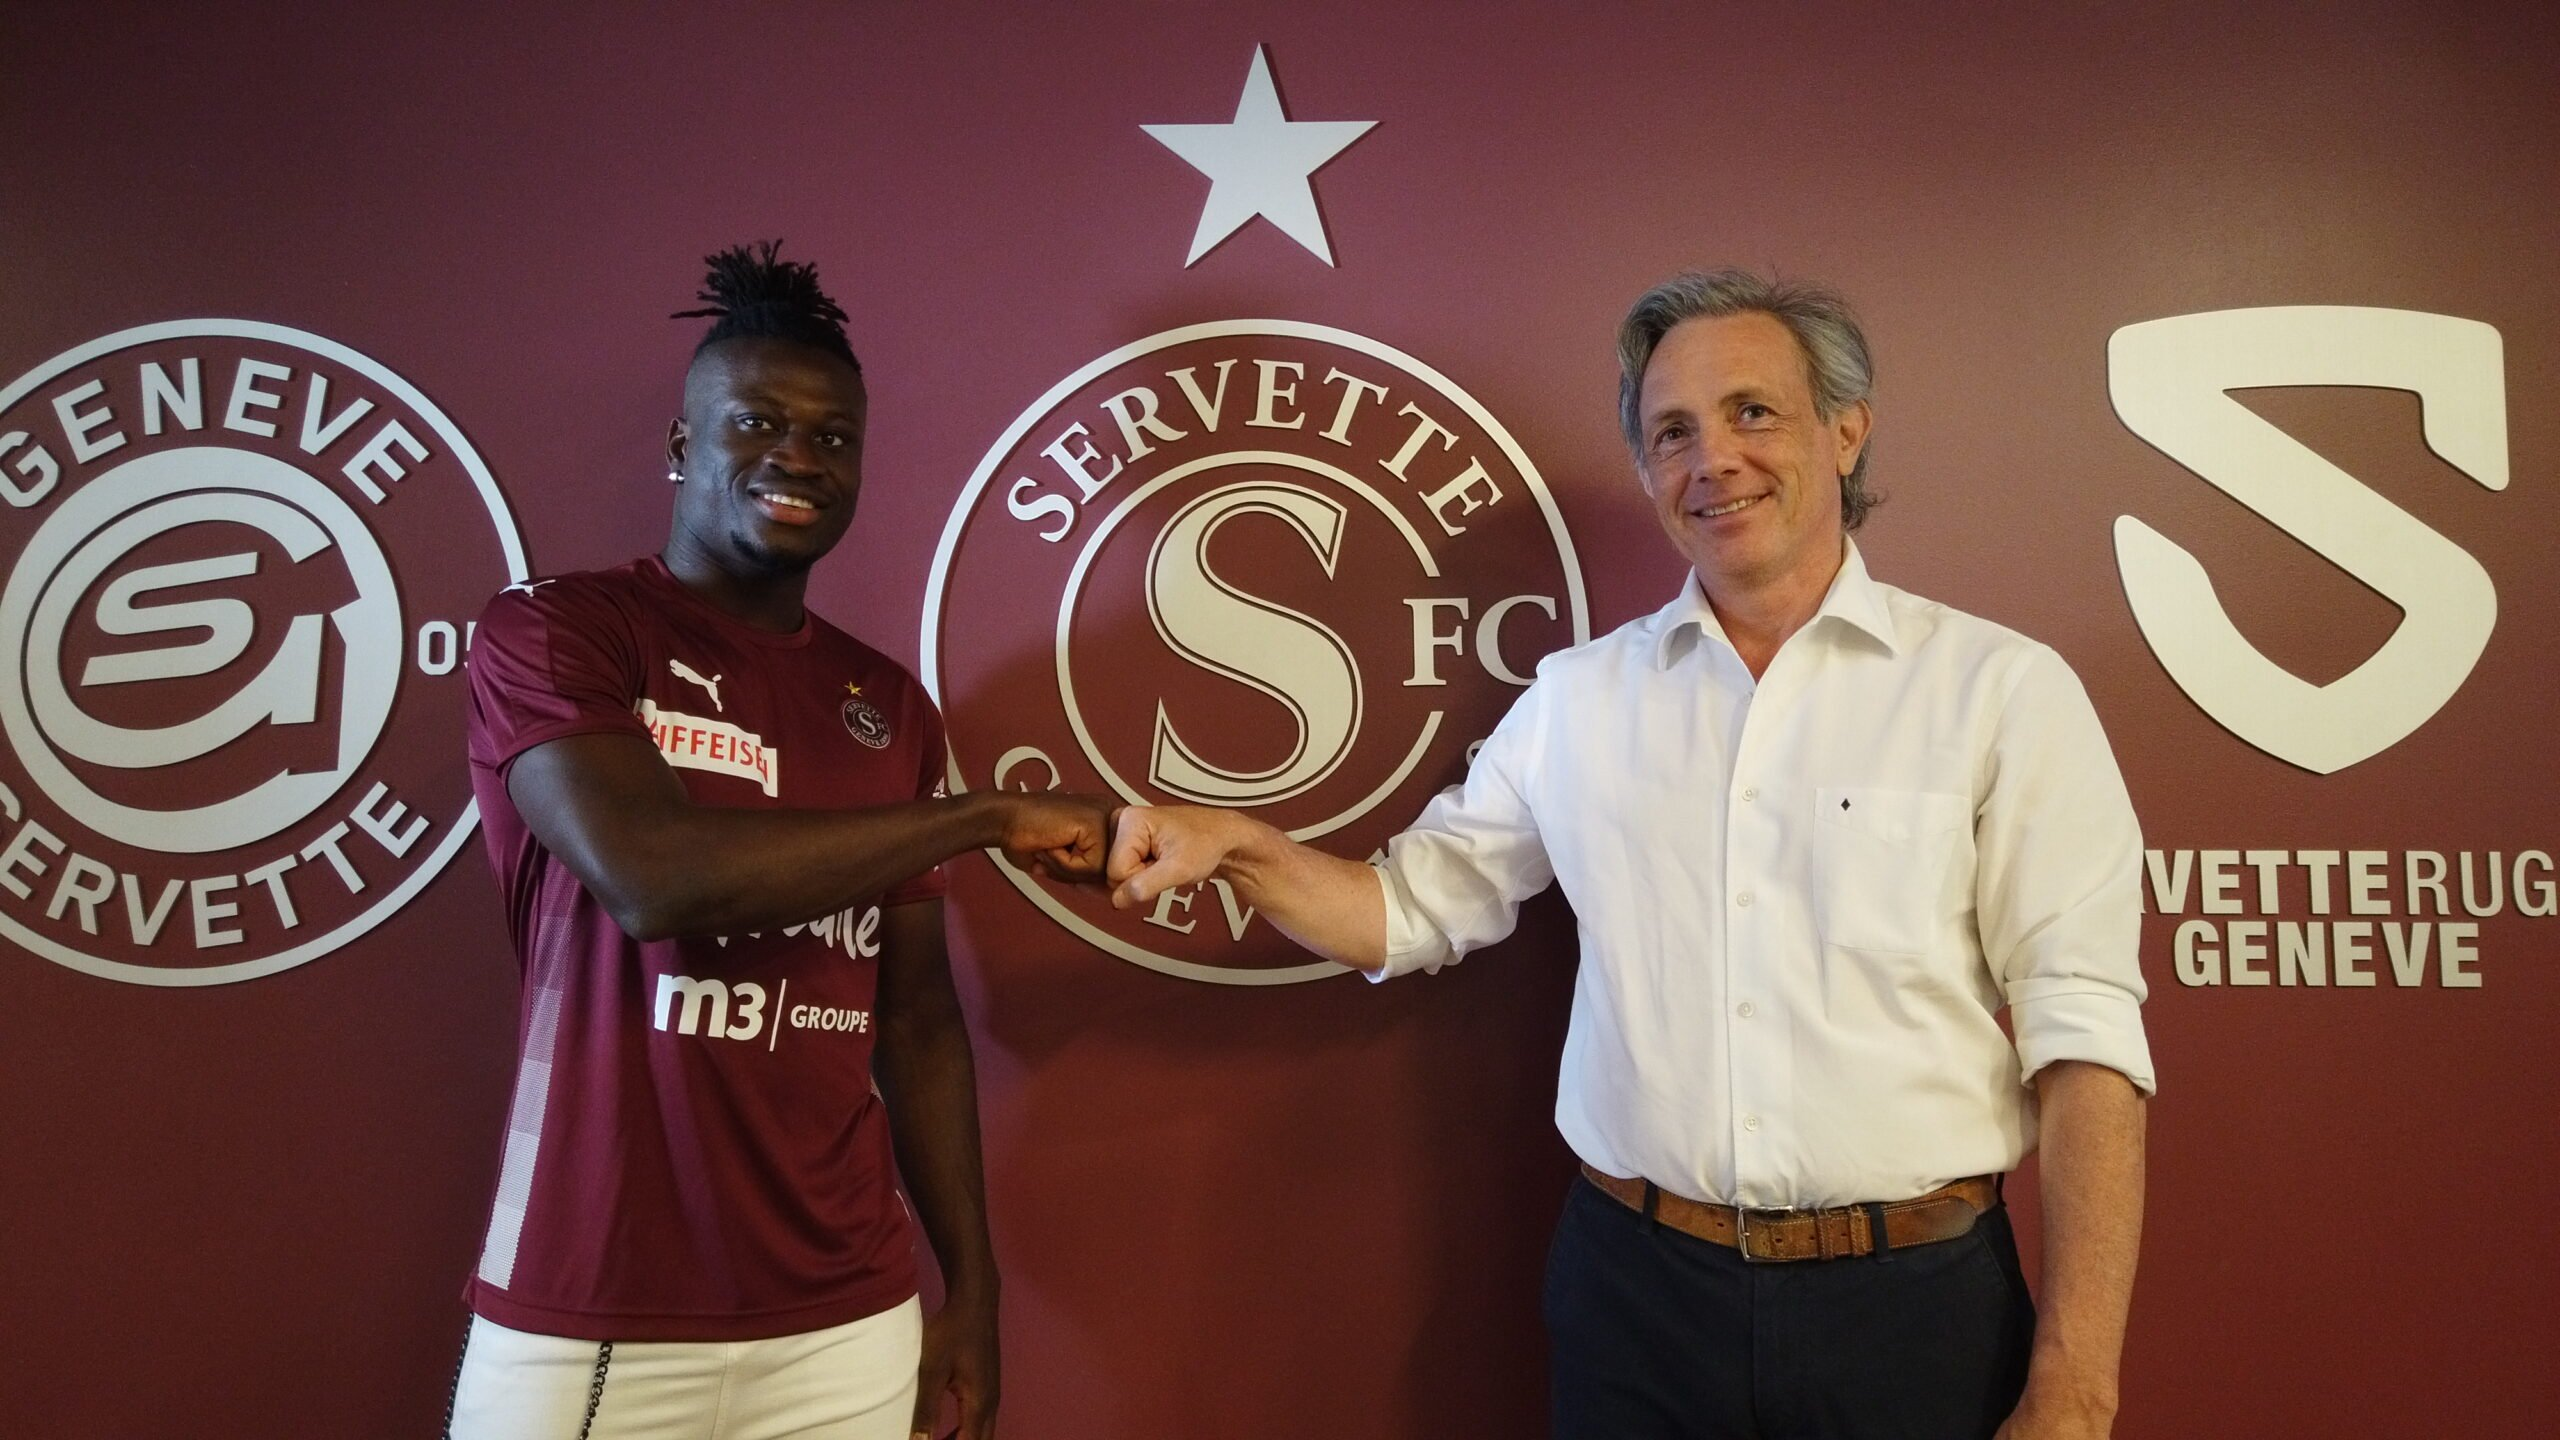 Le Sénégalais Arial Mendy très content de rejoindre le club suisse Servette FC